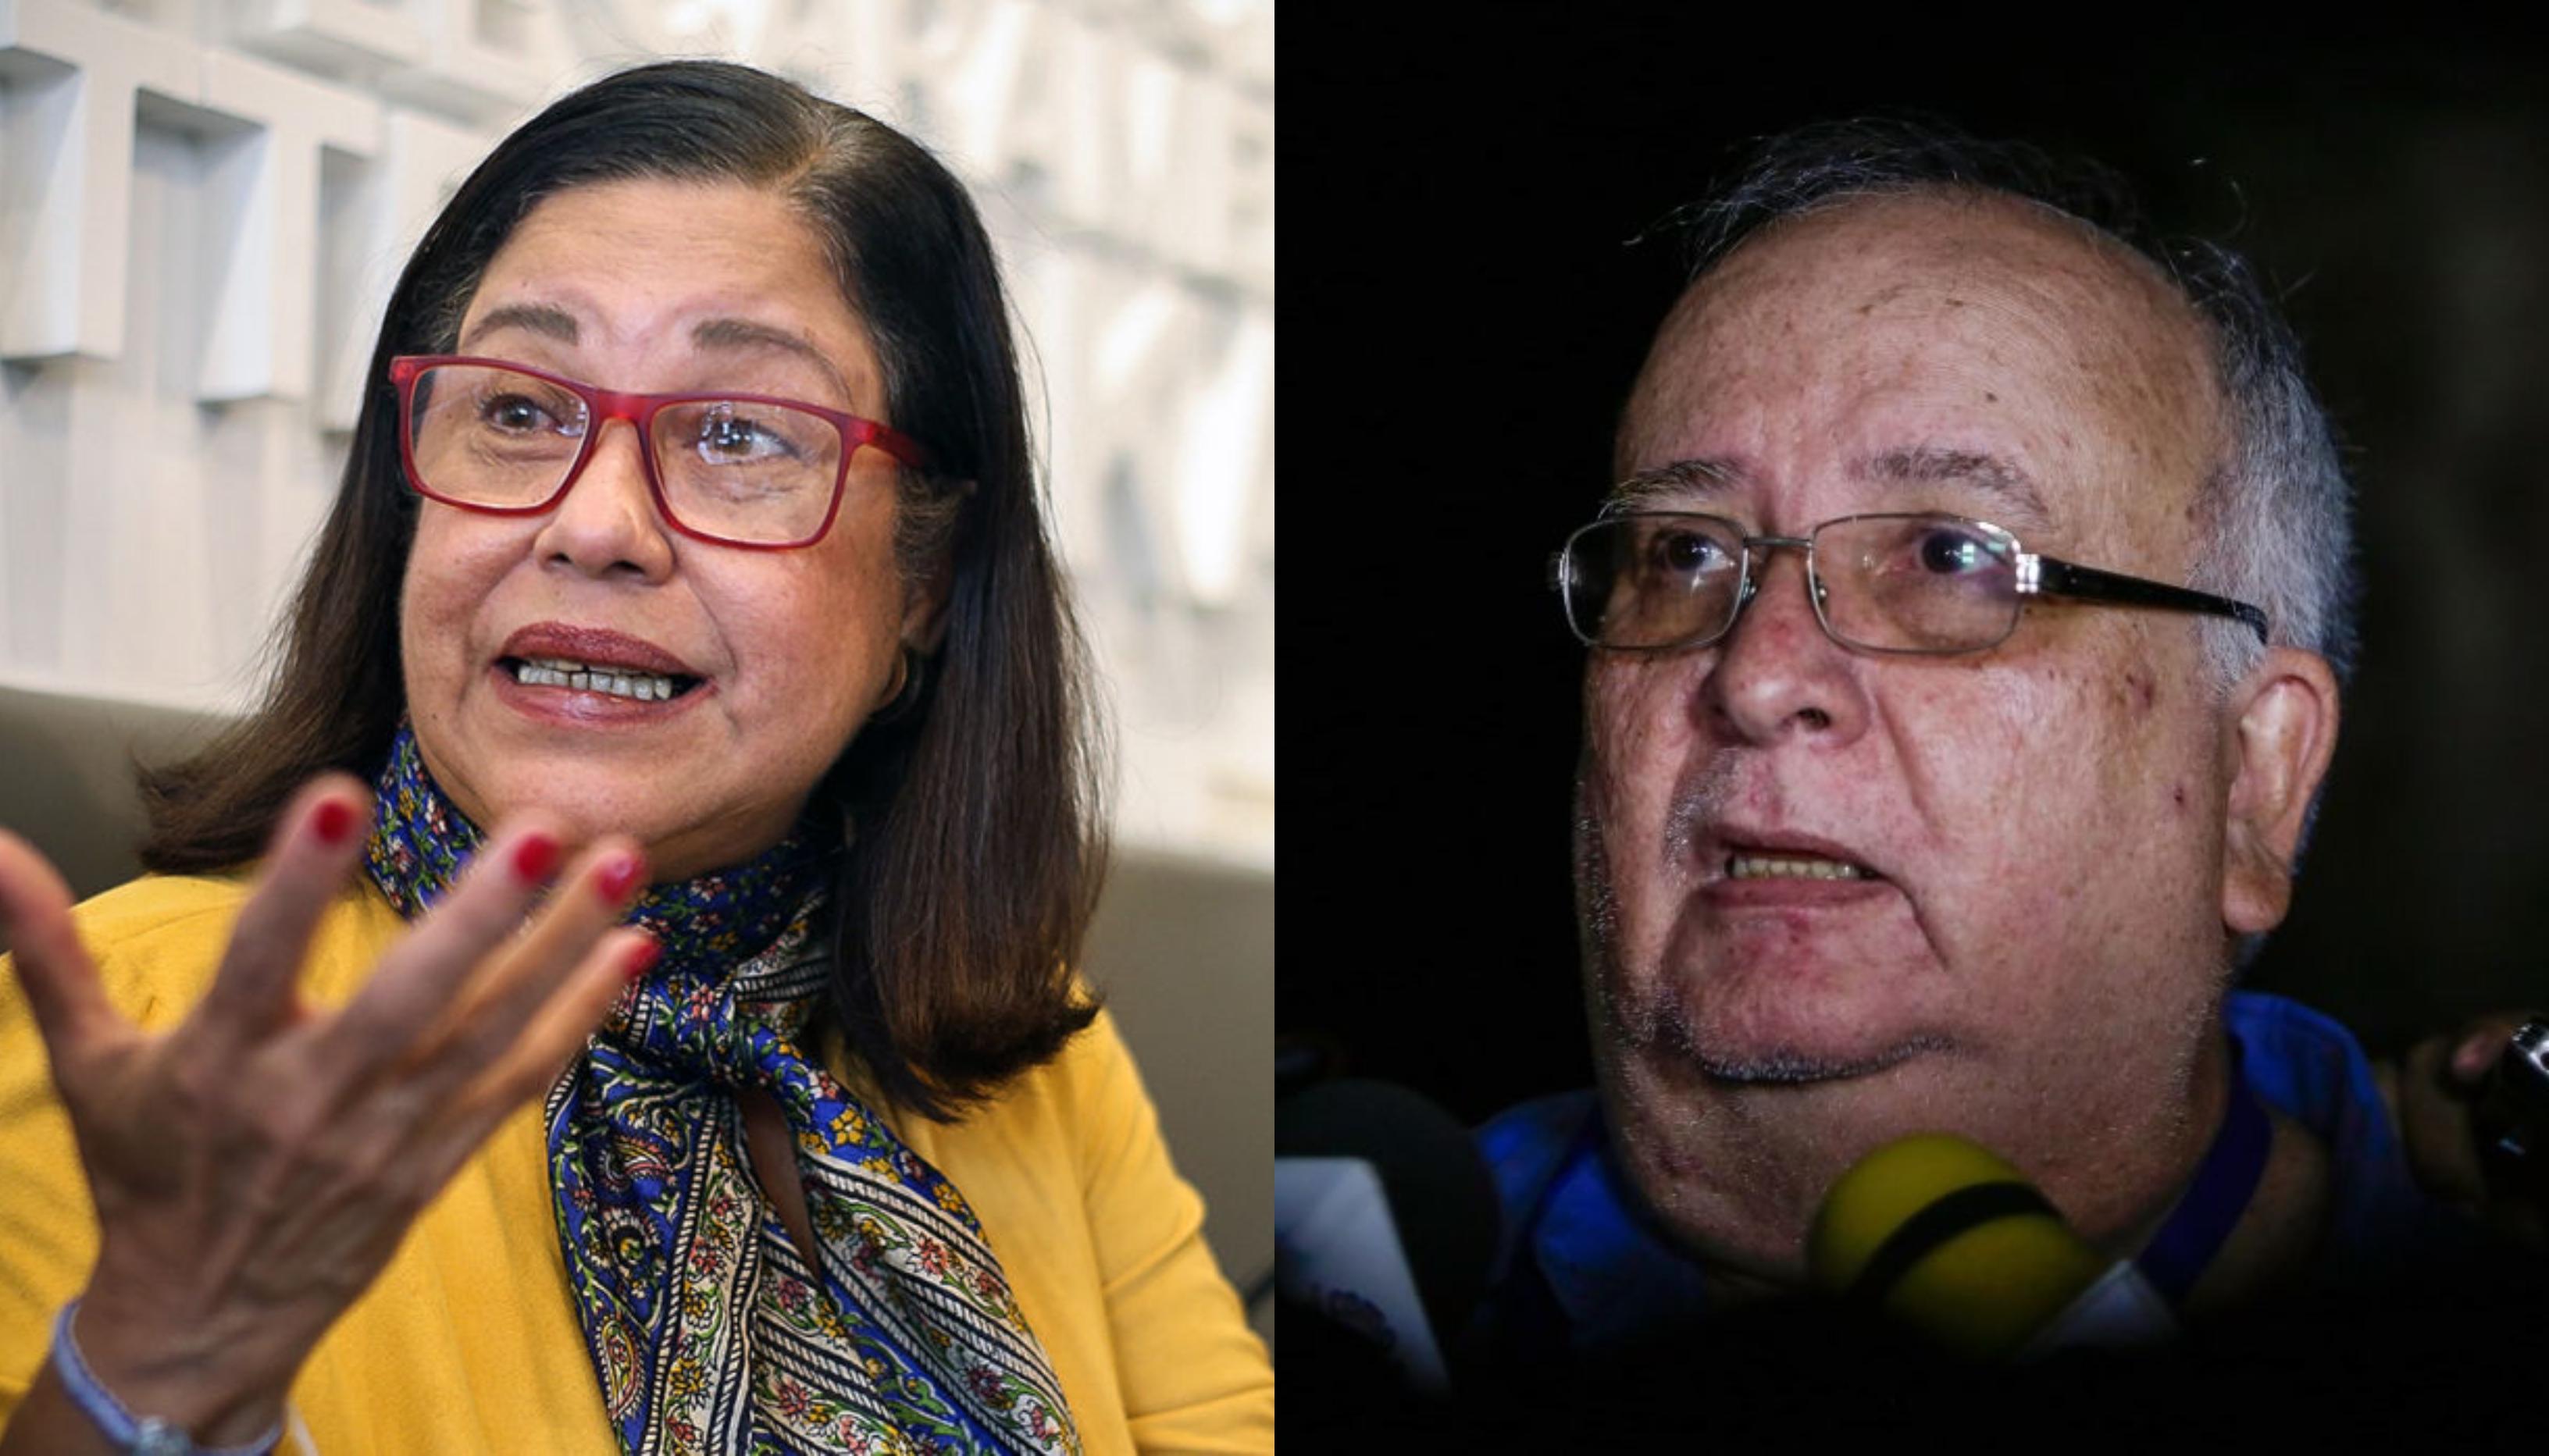 En Nicaragua envían a prisión por 90 días a los dirigentes opositores Violeta Granera y José Pallais